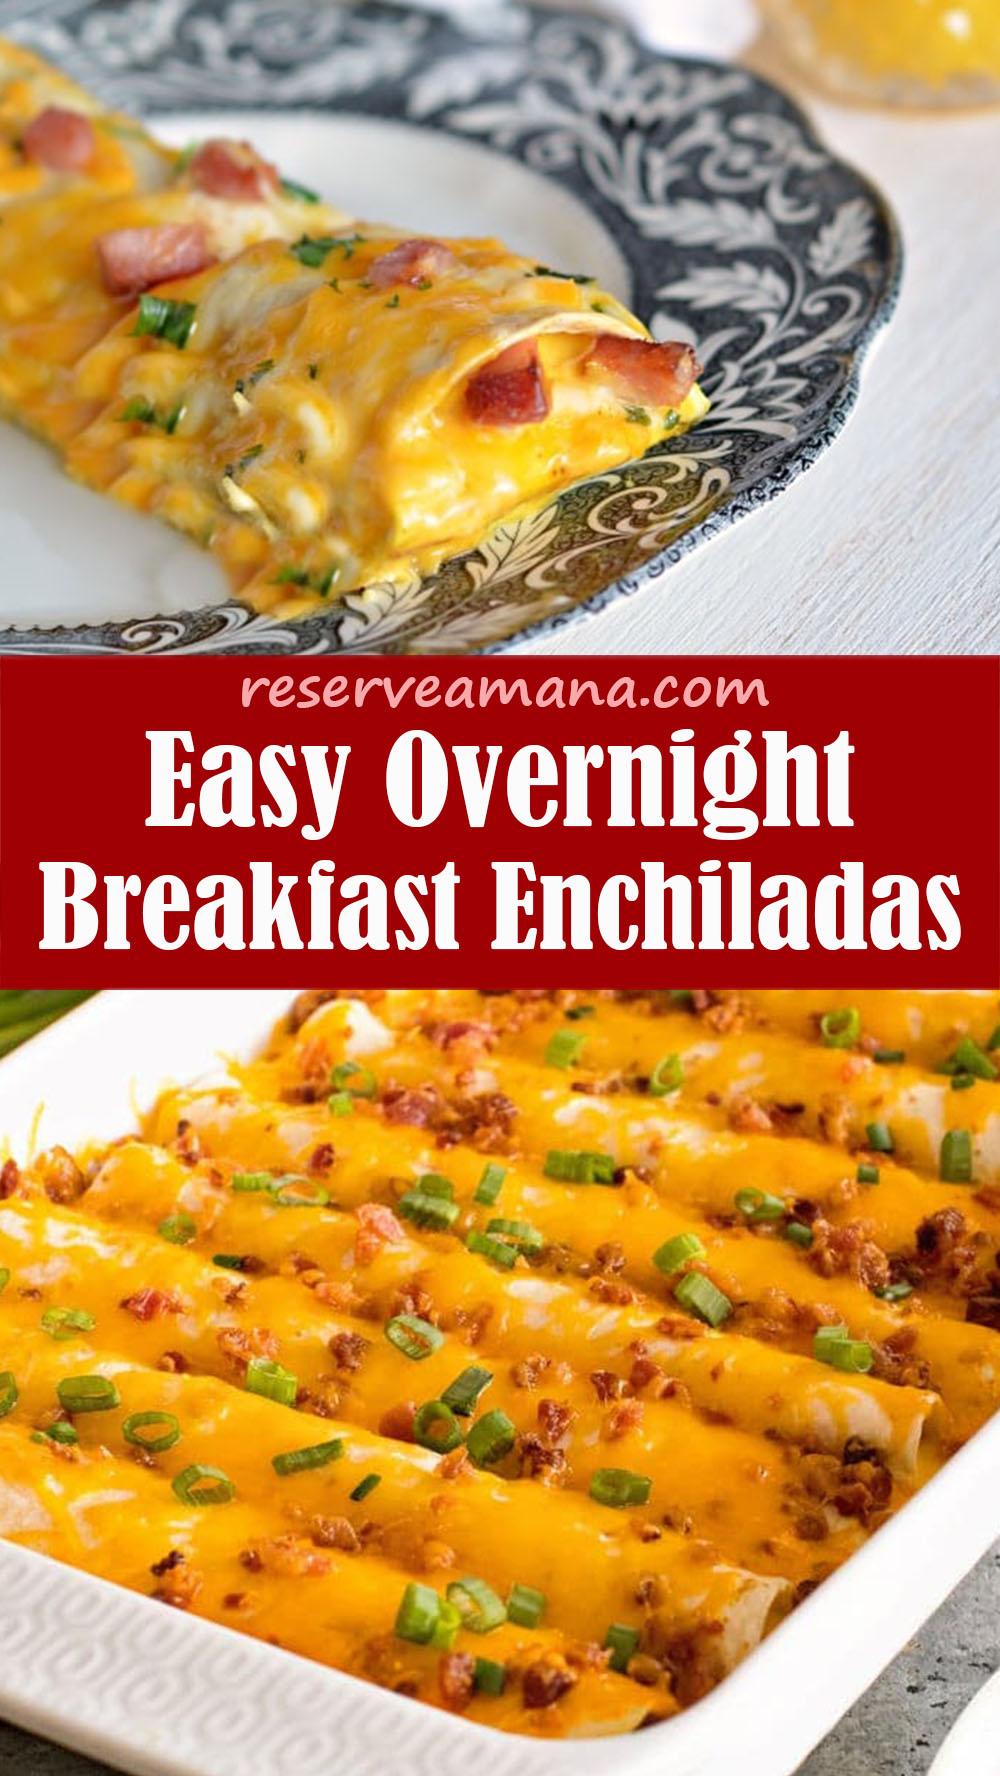 Easy Overnight Breakfast Enchiladas